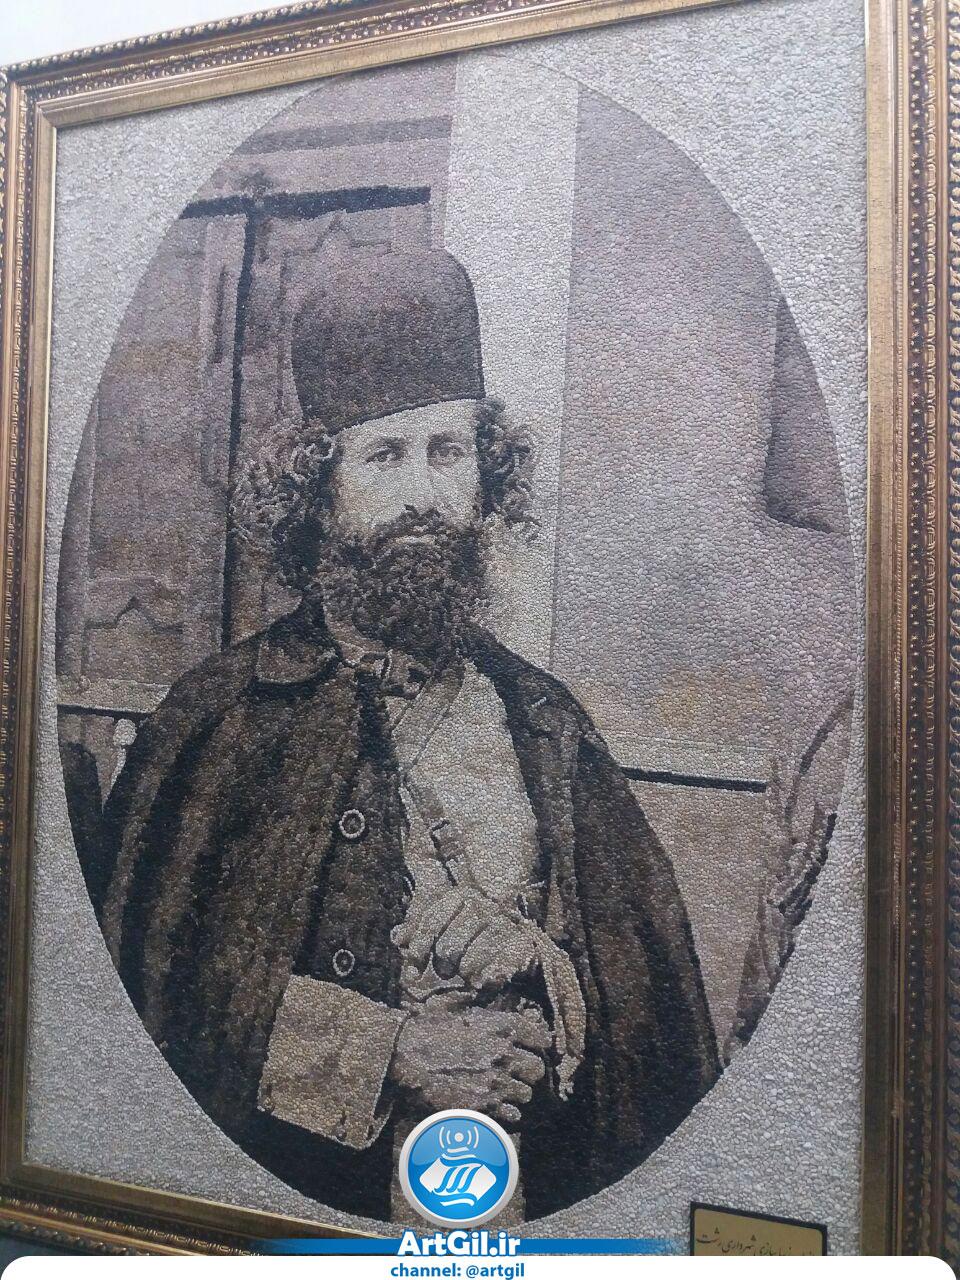 رونمایی سازمان زیباسازی شهرداری رشت از تابلوی میرزا، هم زمان با سالروز شهادت میرزا